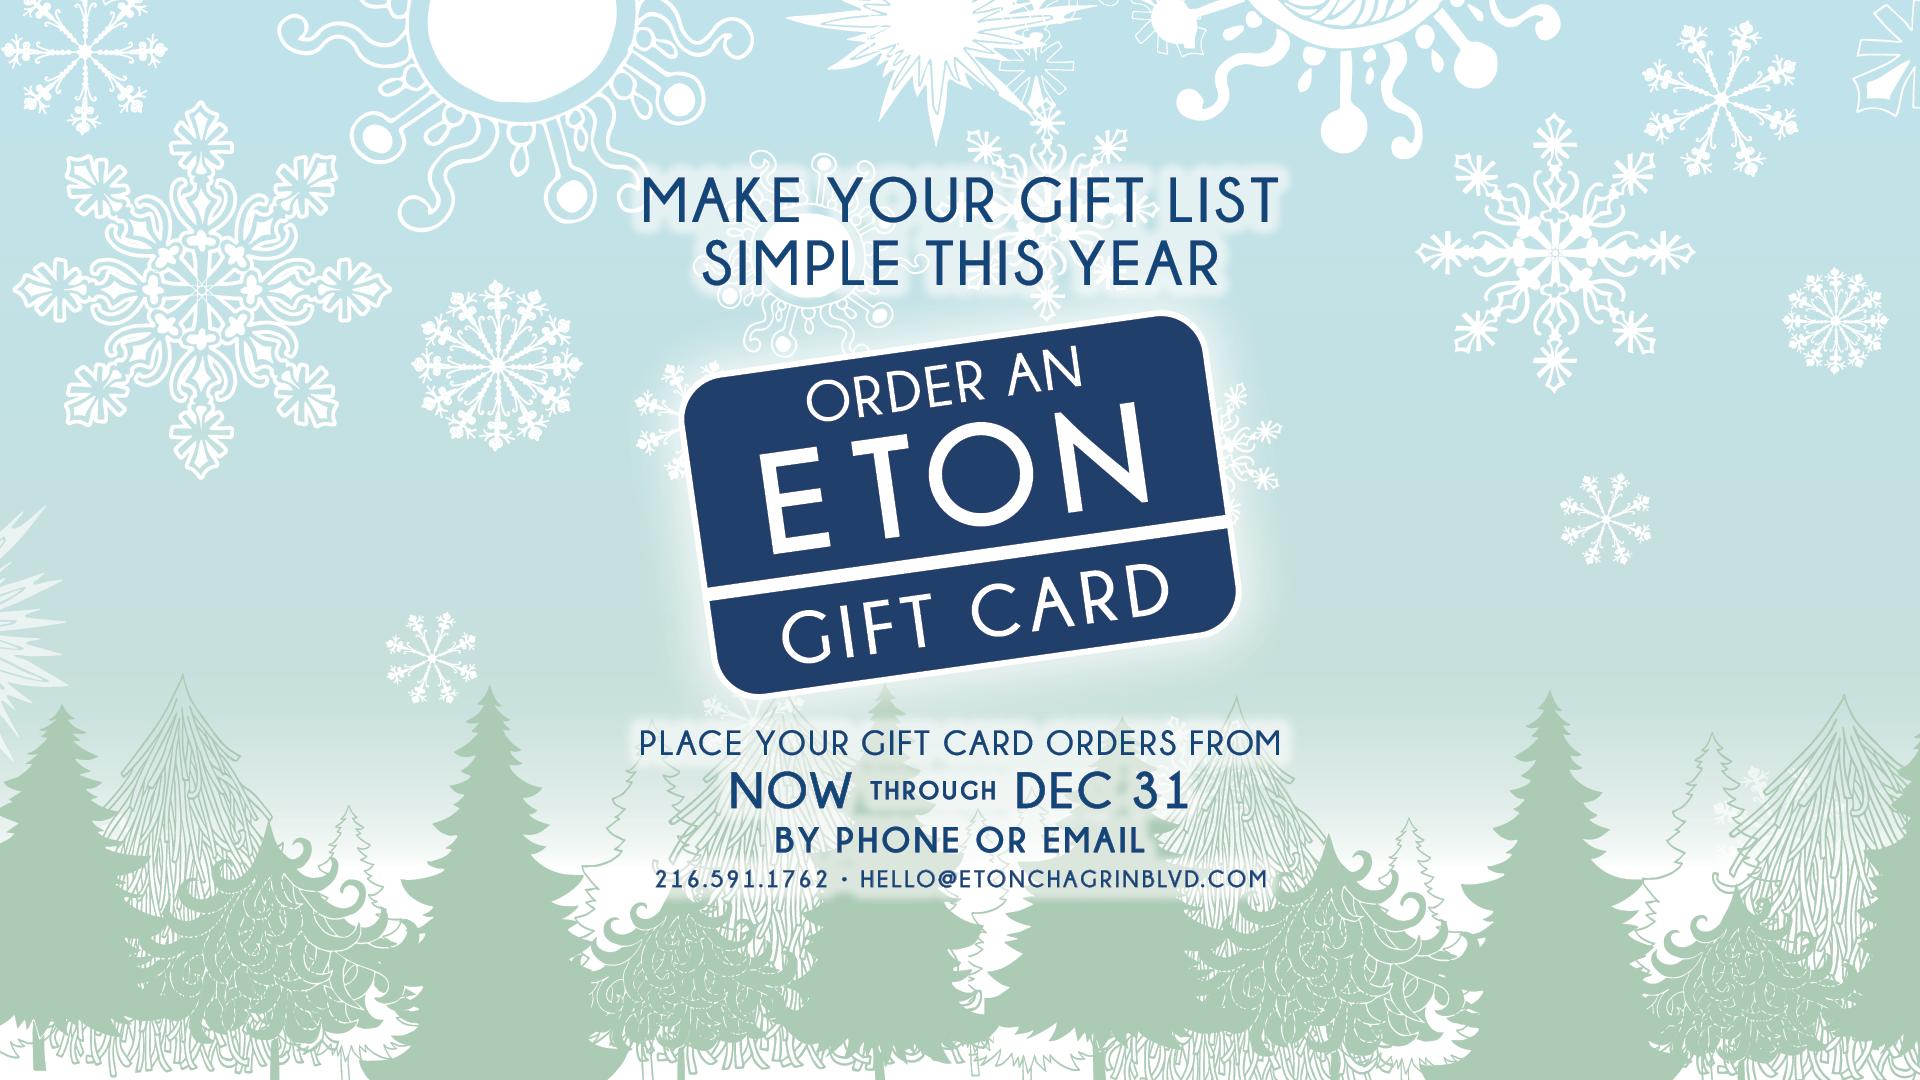 Eton Gift Cards